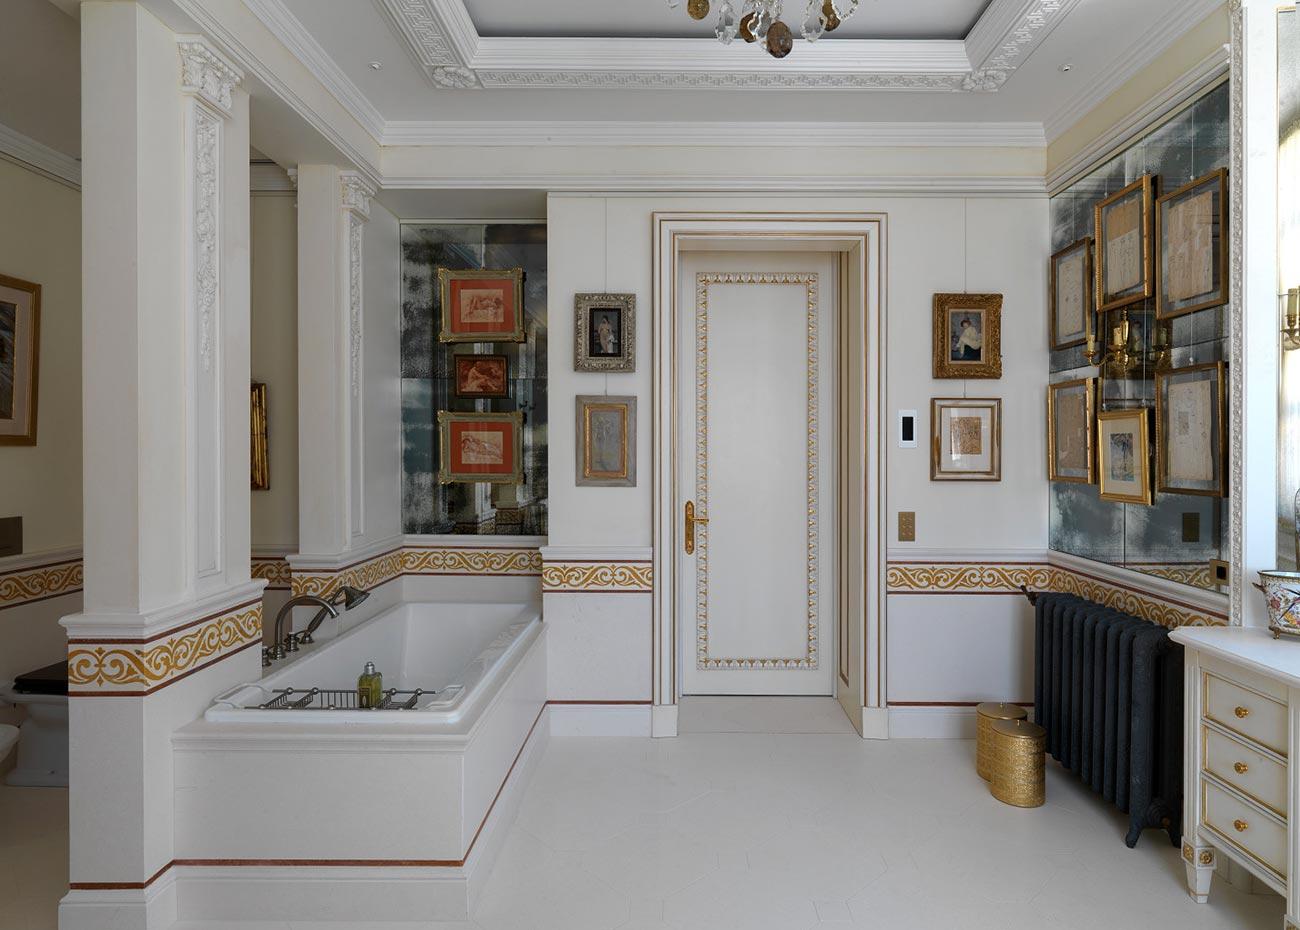 bagno-villa-a-laglio-con-rivestimenti-in-marmo